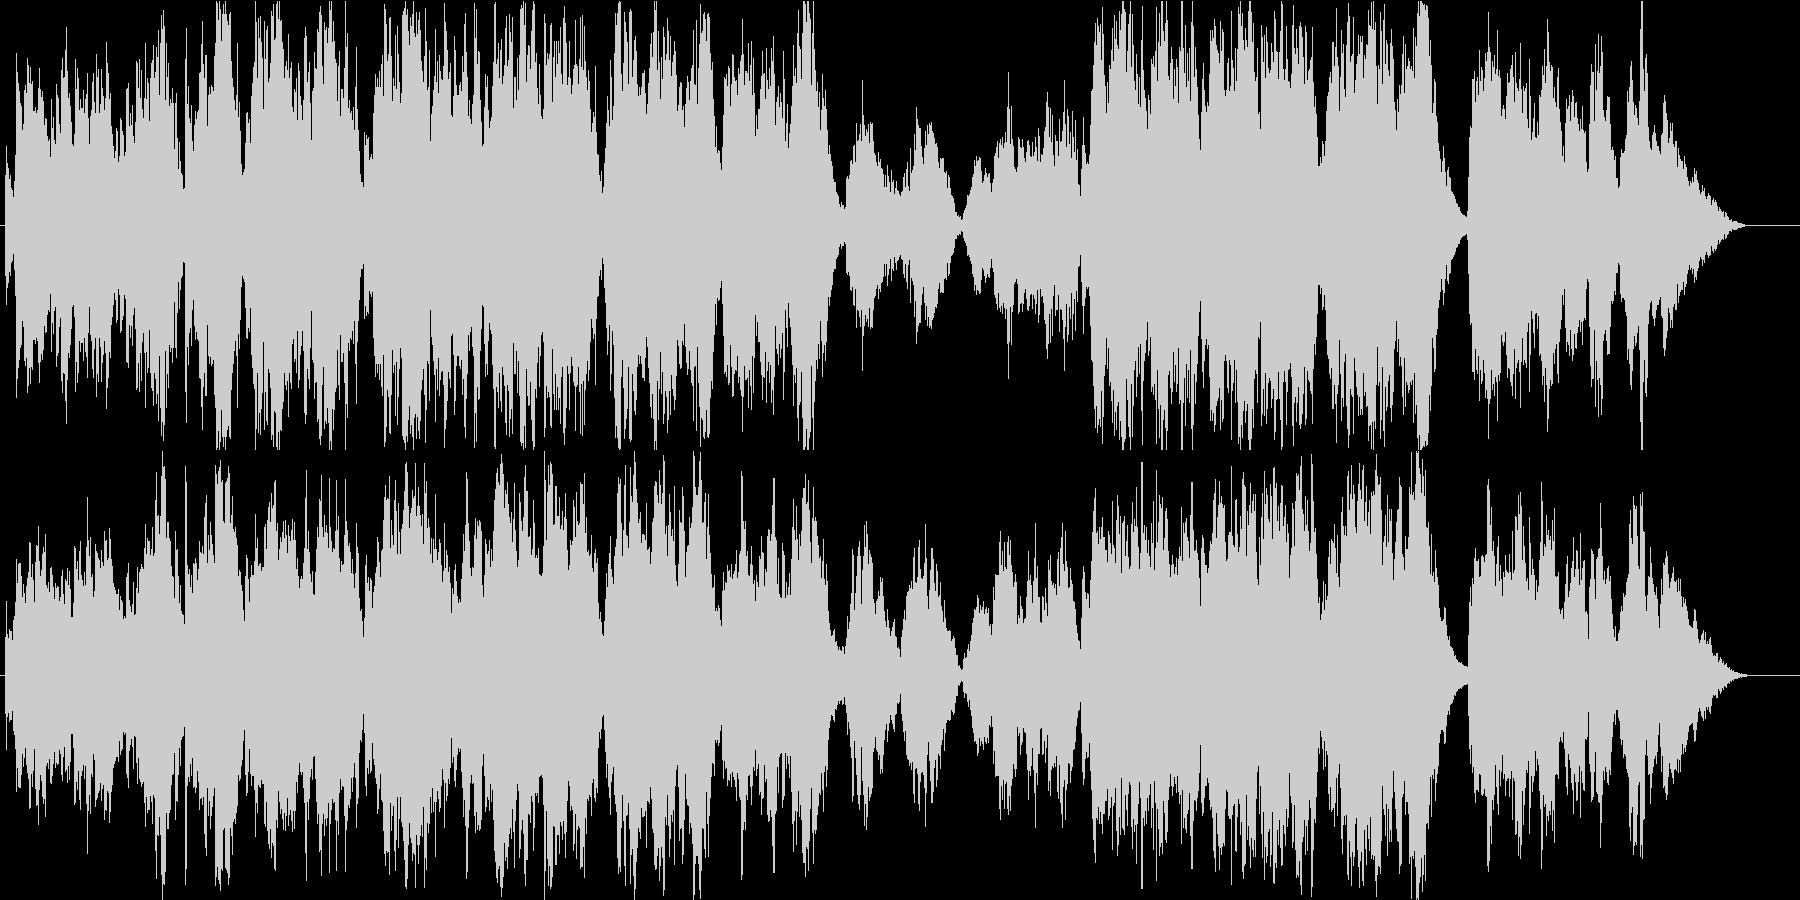 有名クリスマス曲・オーケストラアレンジの未再生の波形